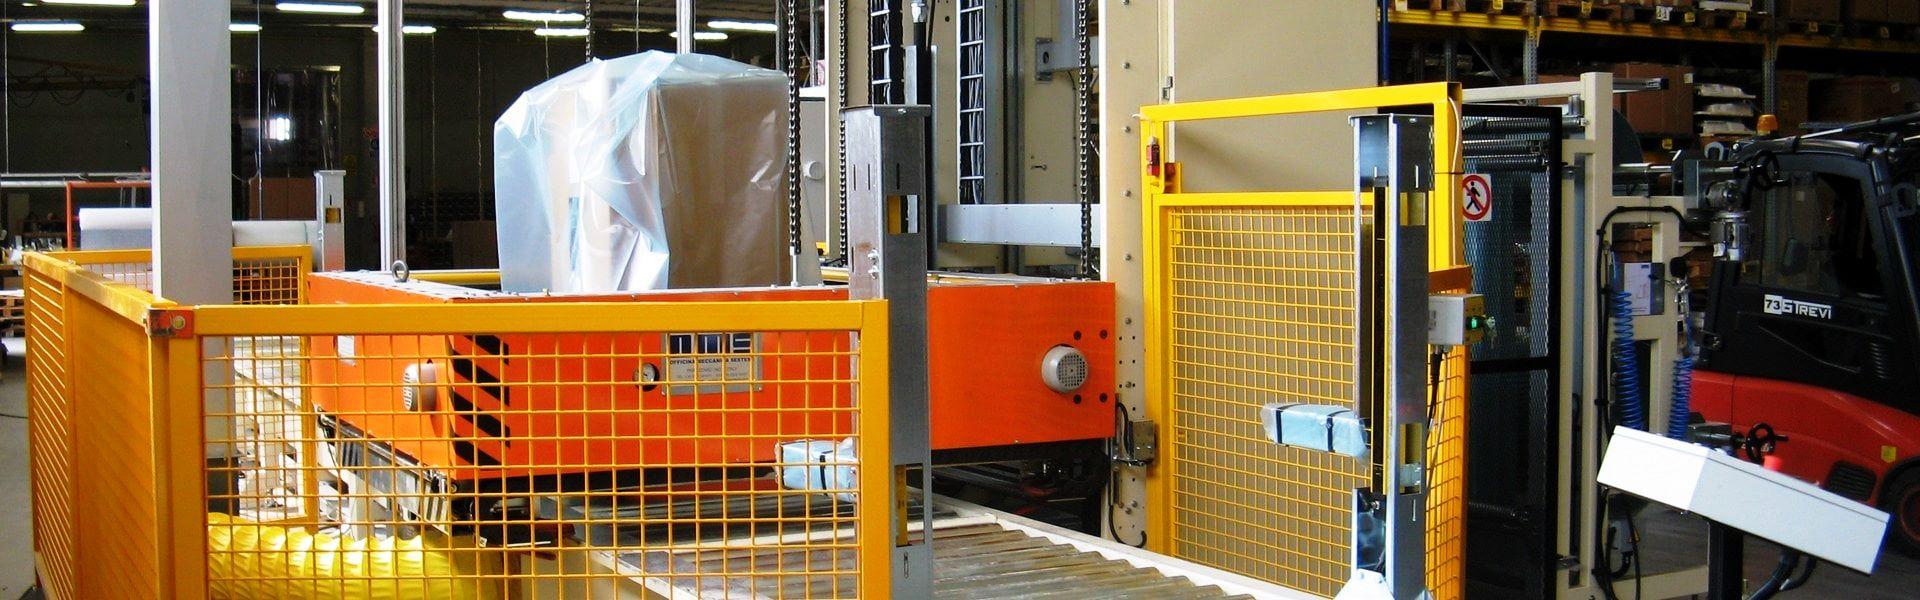 ОМС Системс (OMS Systems) – российская компания, представляющая интересы итальянского производителя оборудования, работающего под брендом OMS в СНГ